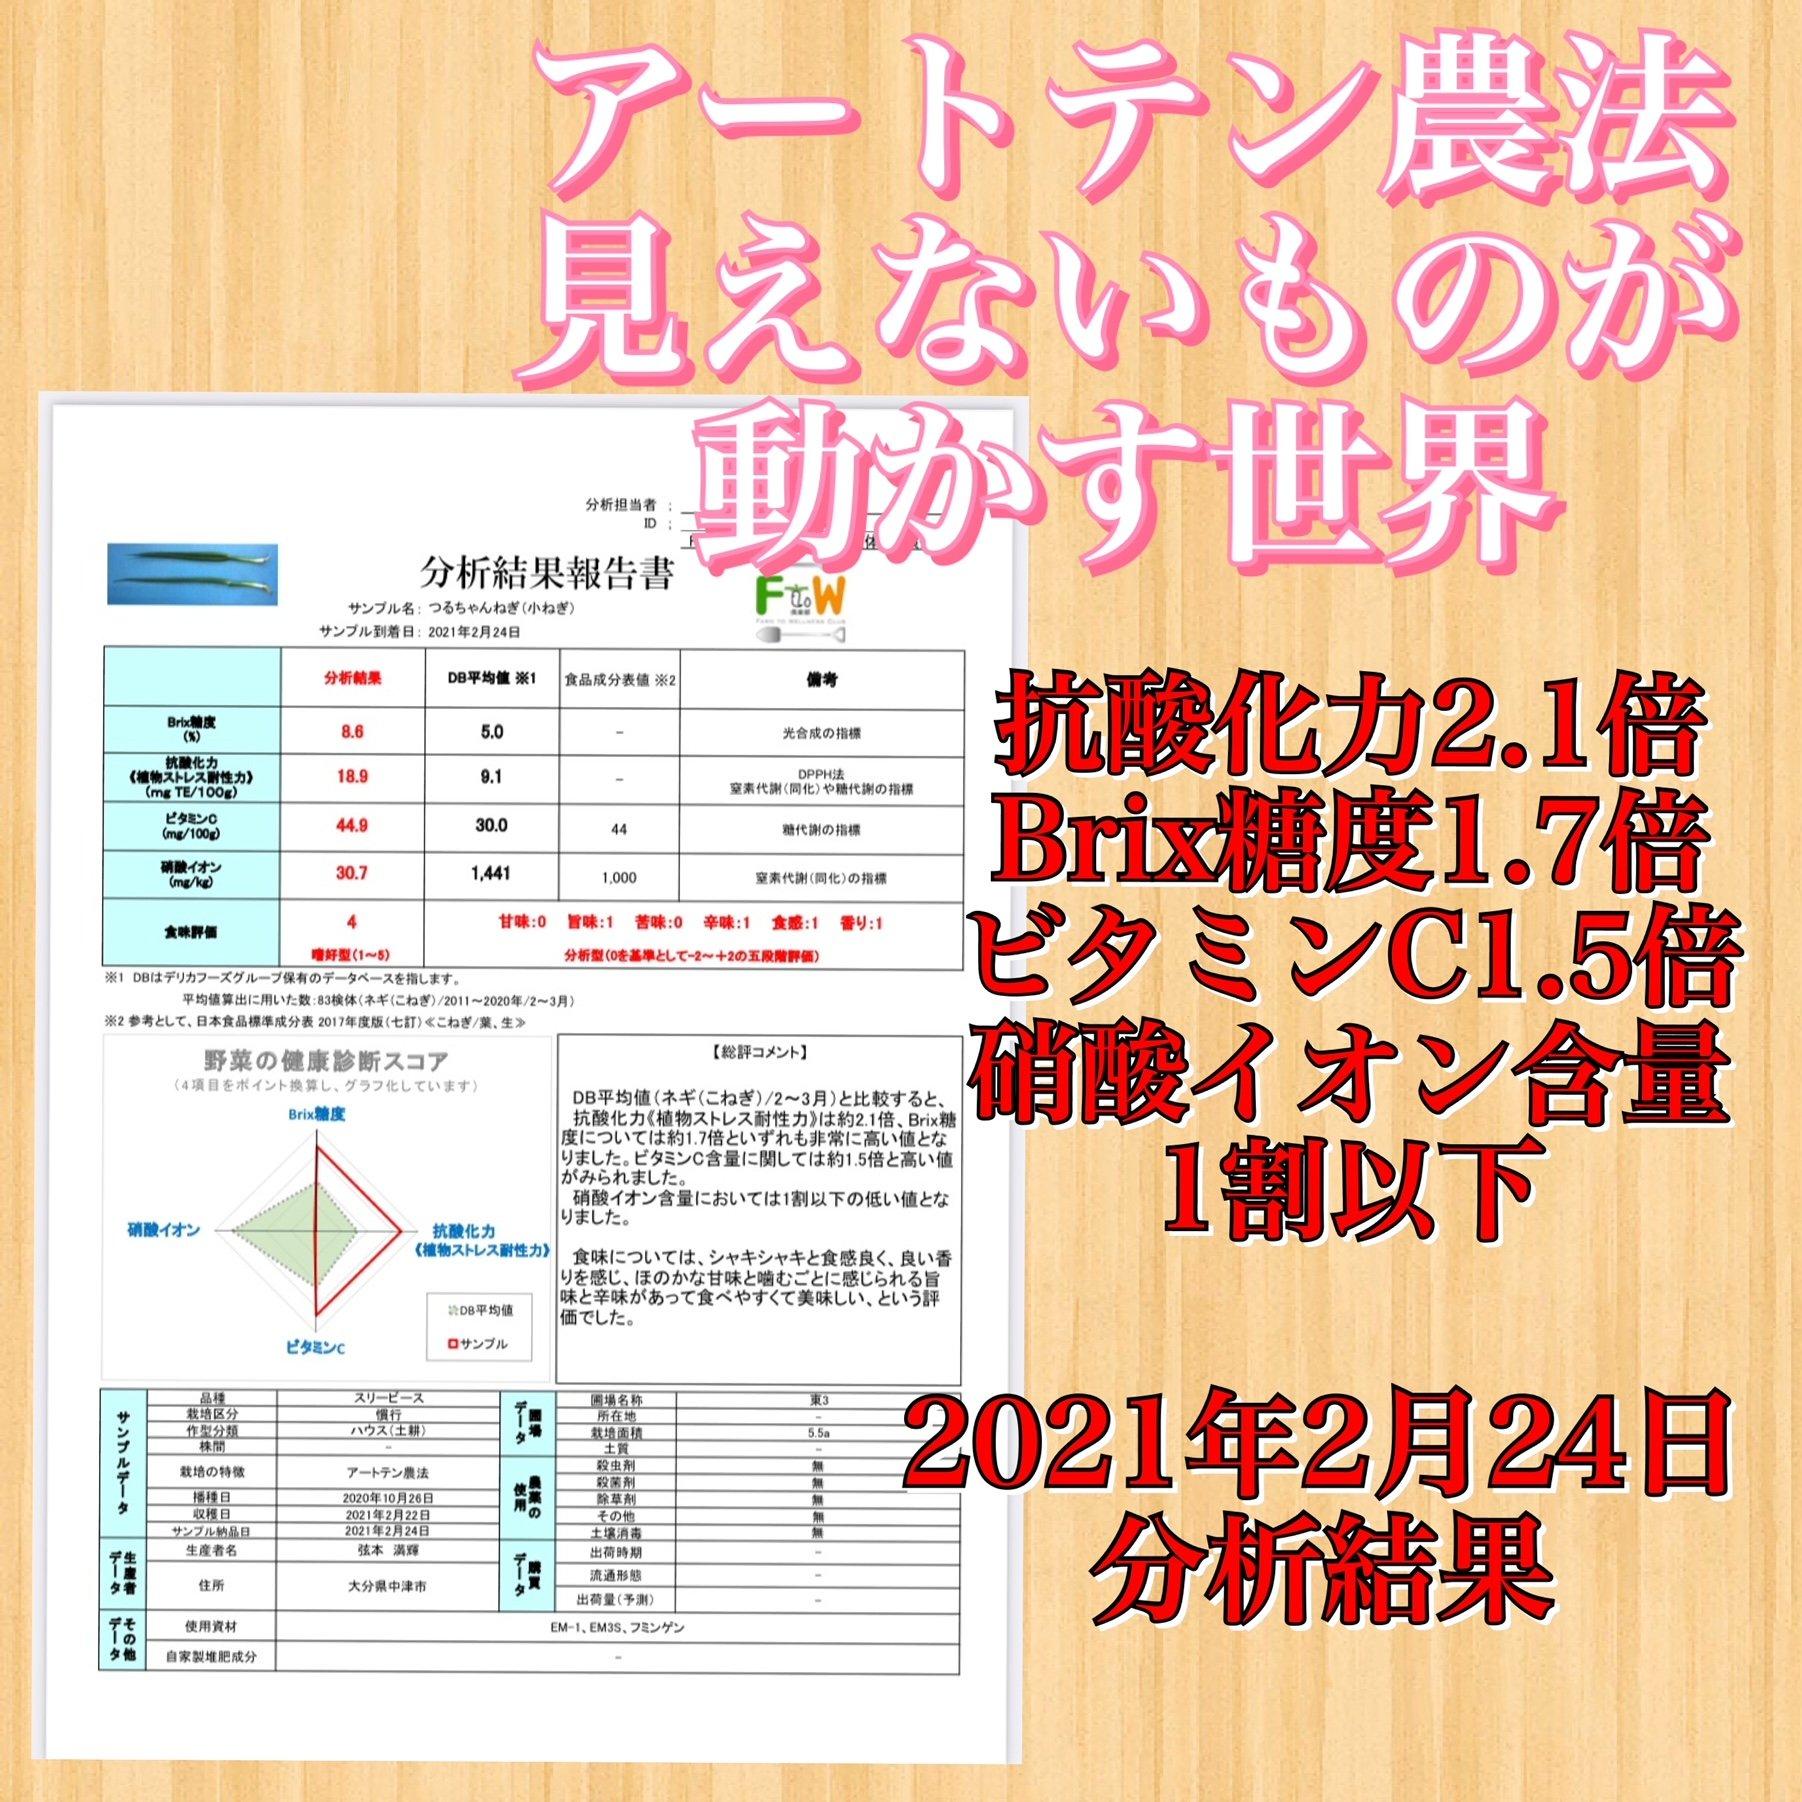 2021/2/24 野菜の分析結果